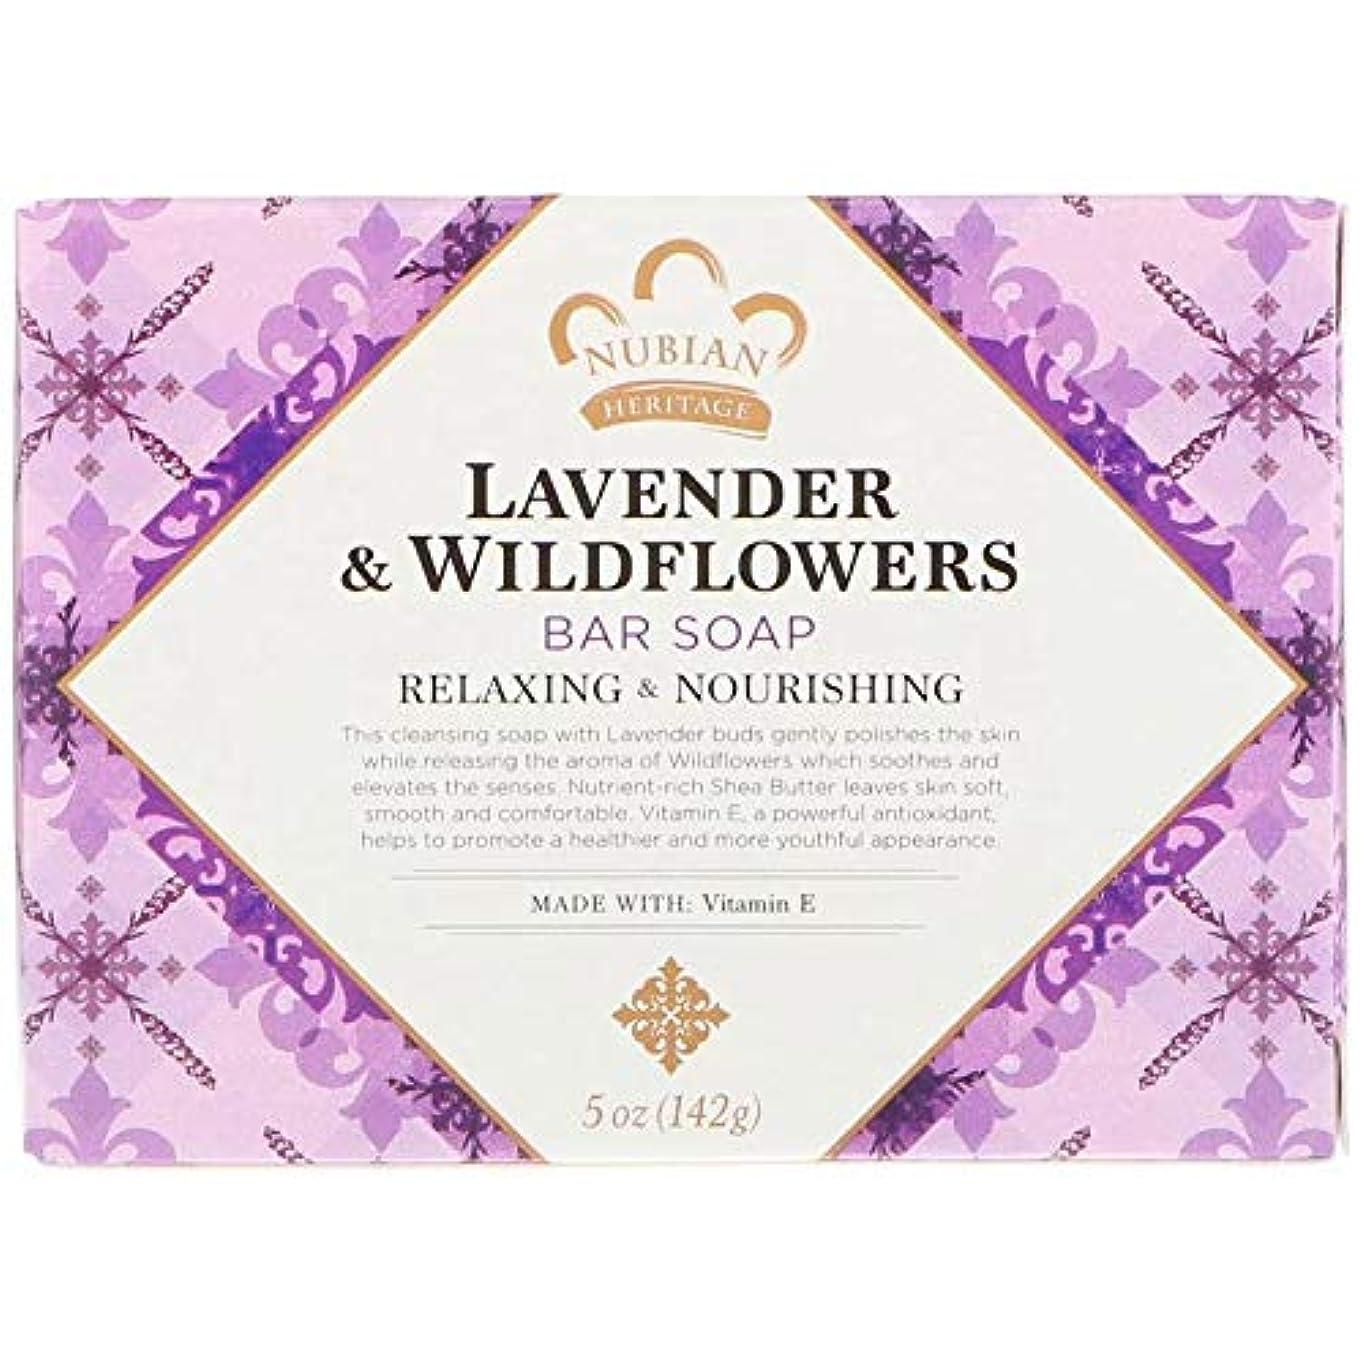 準備したどうやって告白するシアバターソープ石鹸 ラベンダー&ワイルドフラワー Lavender & Wildflowers Bar Soap, 5 oz (142 g) [並行輸入品]